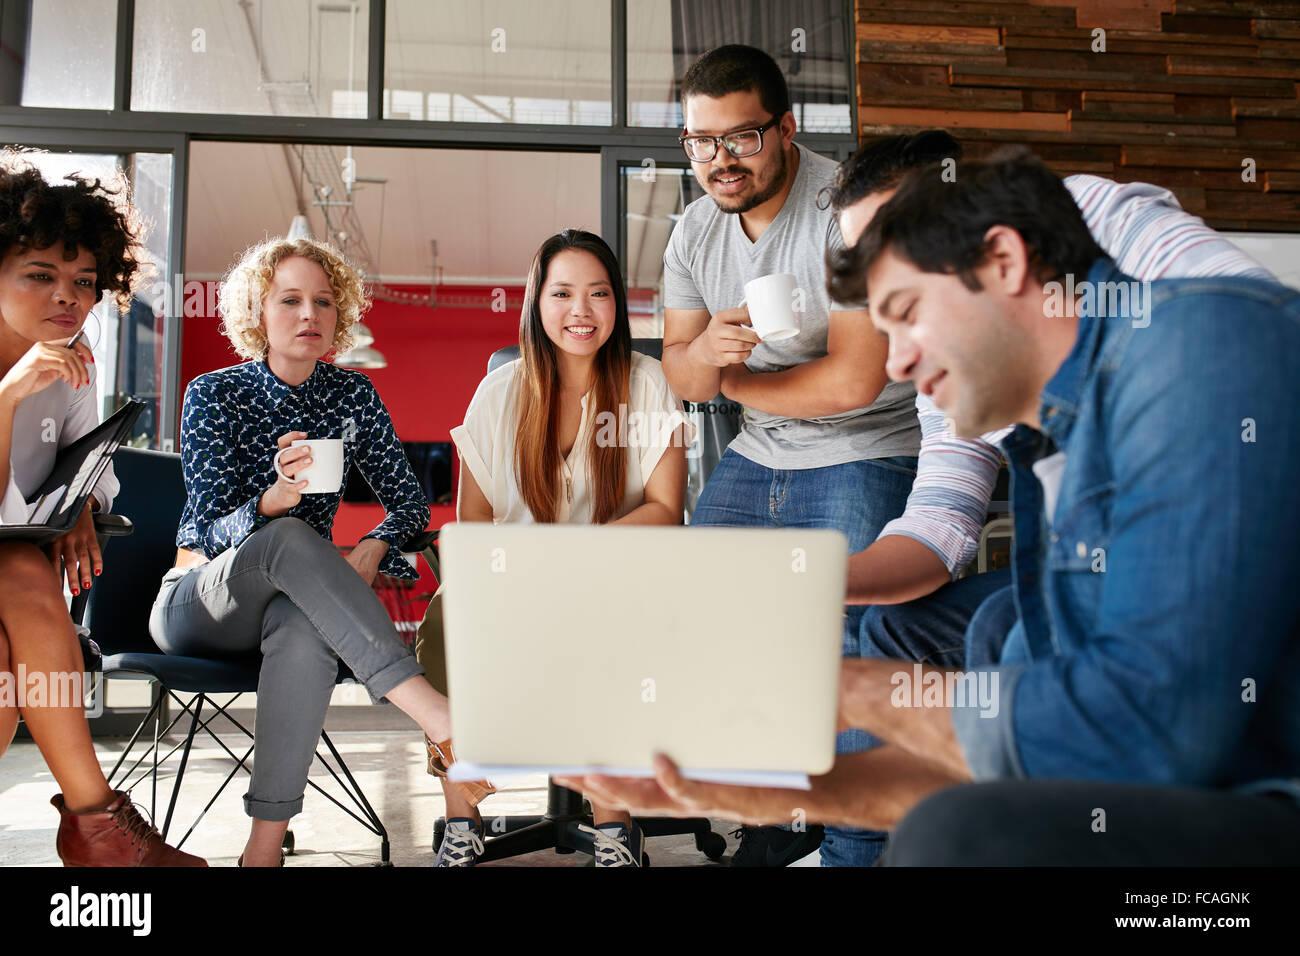 Équipe de créatifs à la collègue au plan de projet montrant sur son ordinateur portable. Groupe Photo Stock